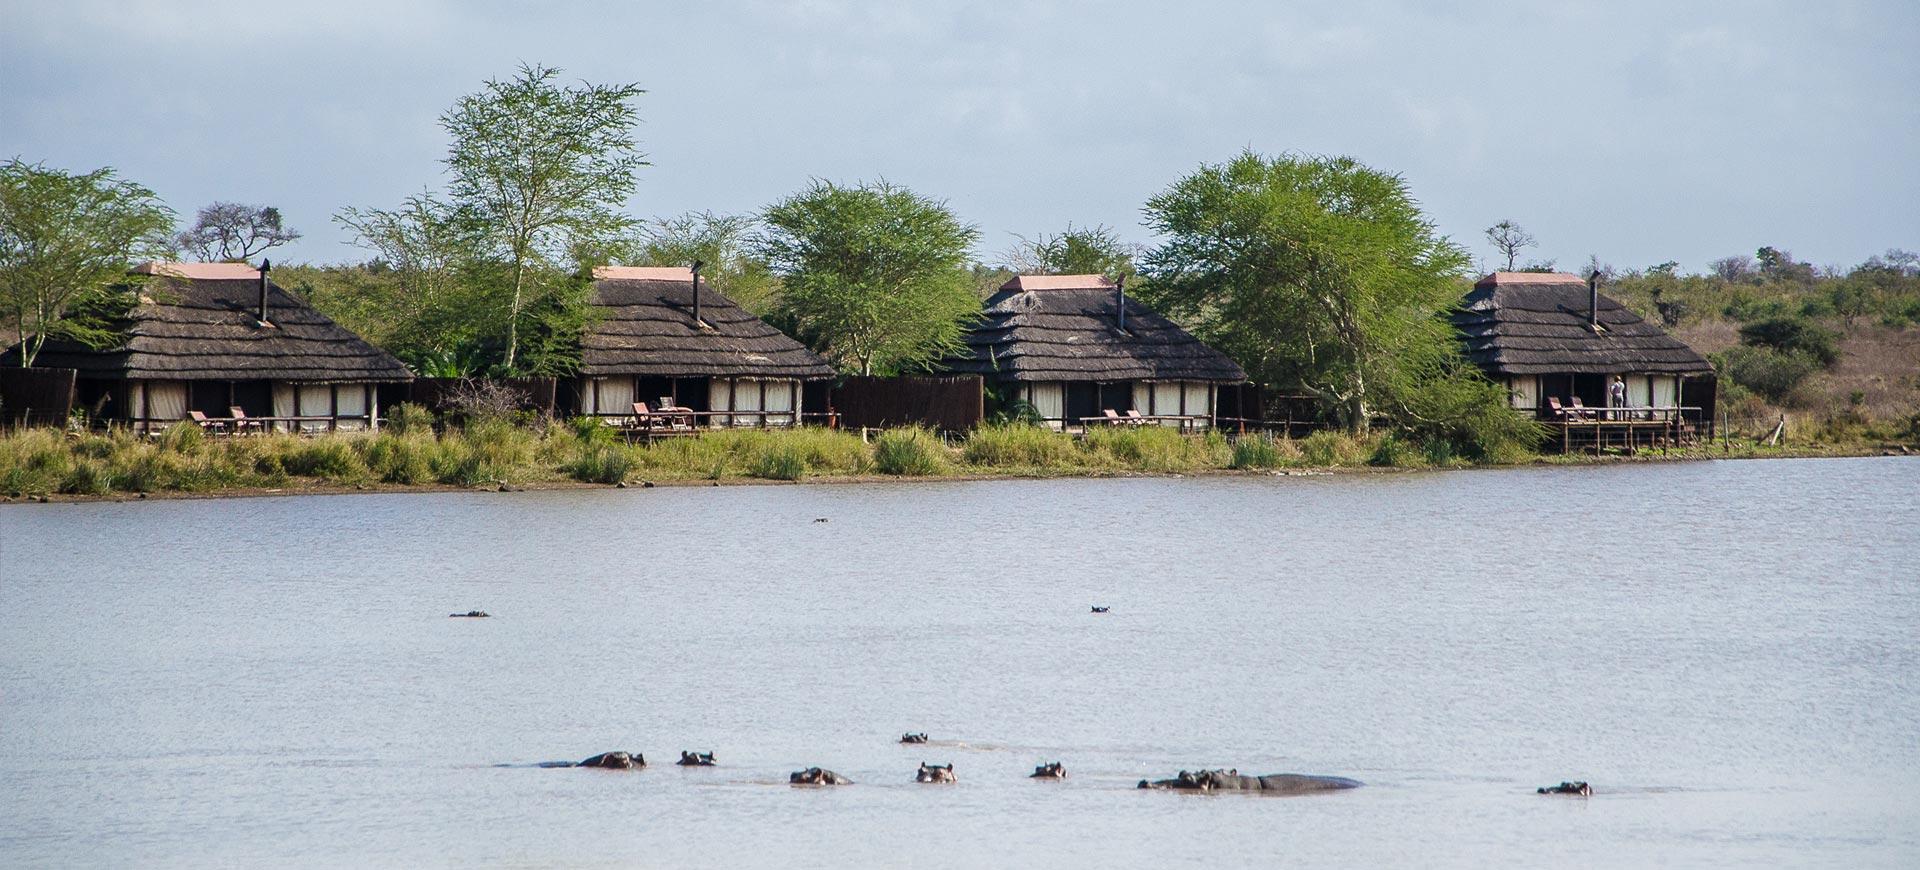 Shawu Camp Kruger National Park